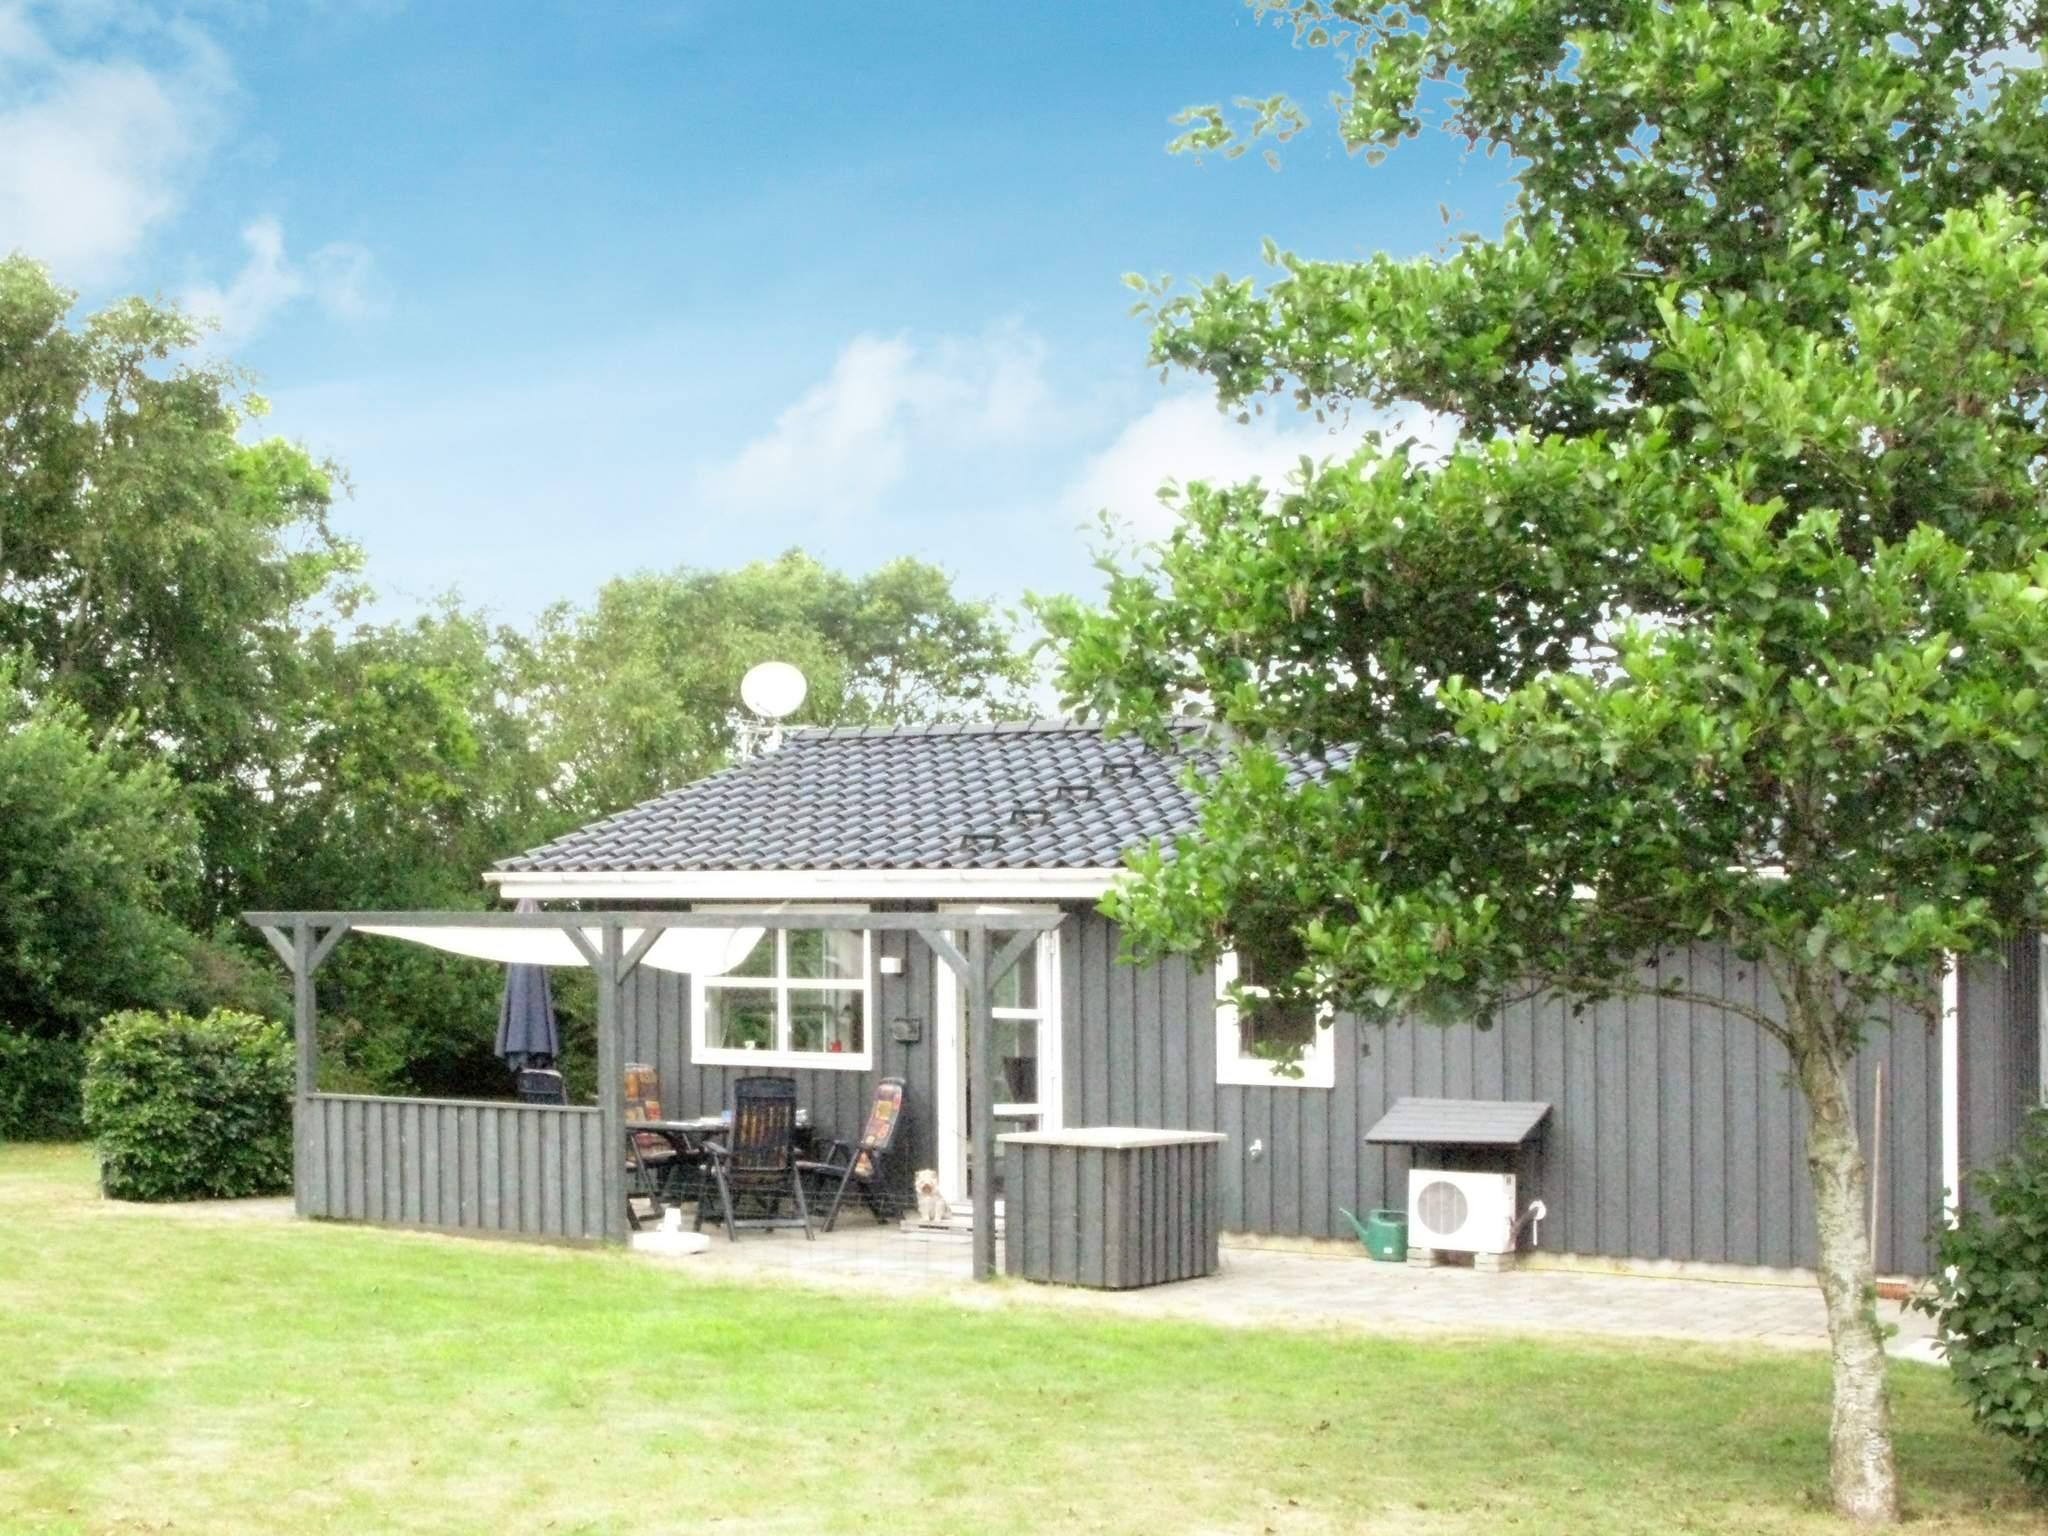 Ferienhaus Handbjerg (825571), Handbjerg, , Westjütland, Dänemark, Bild 8